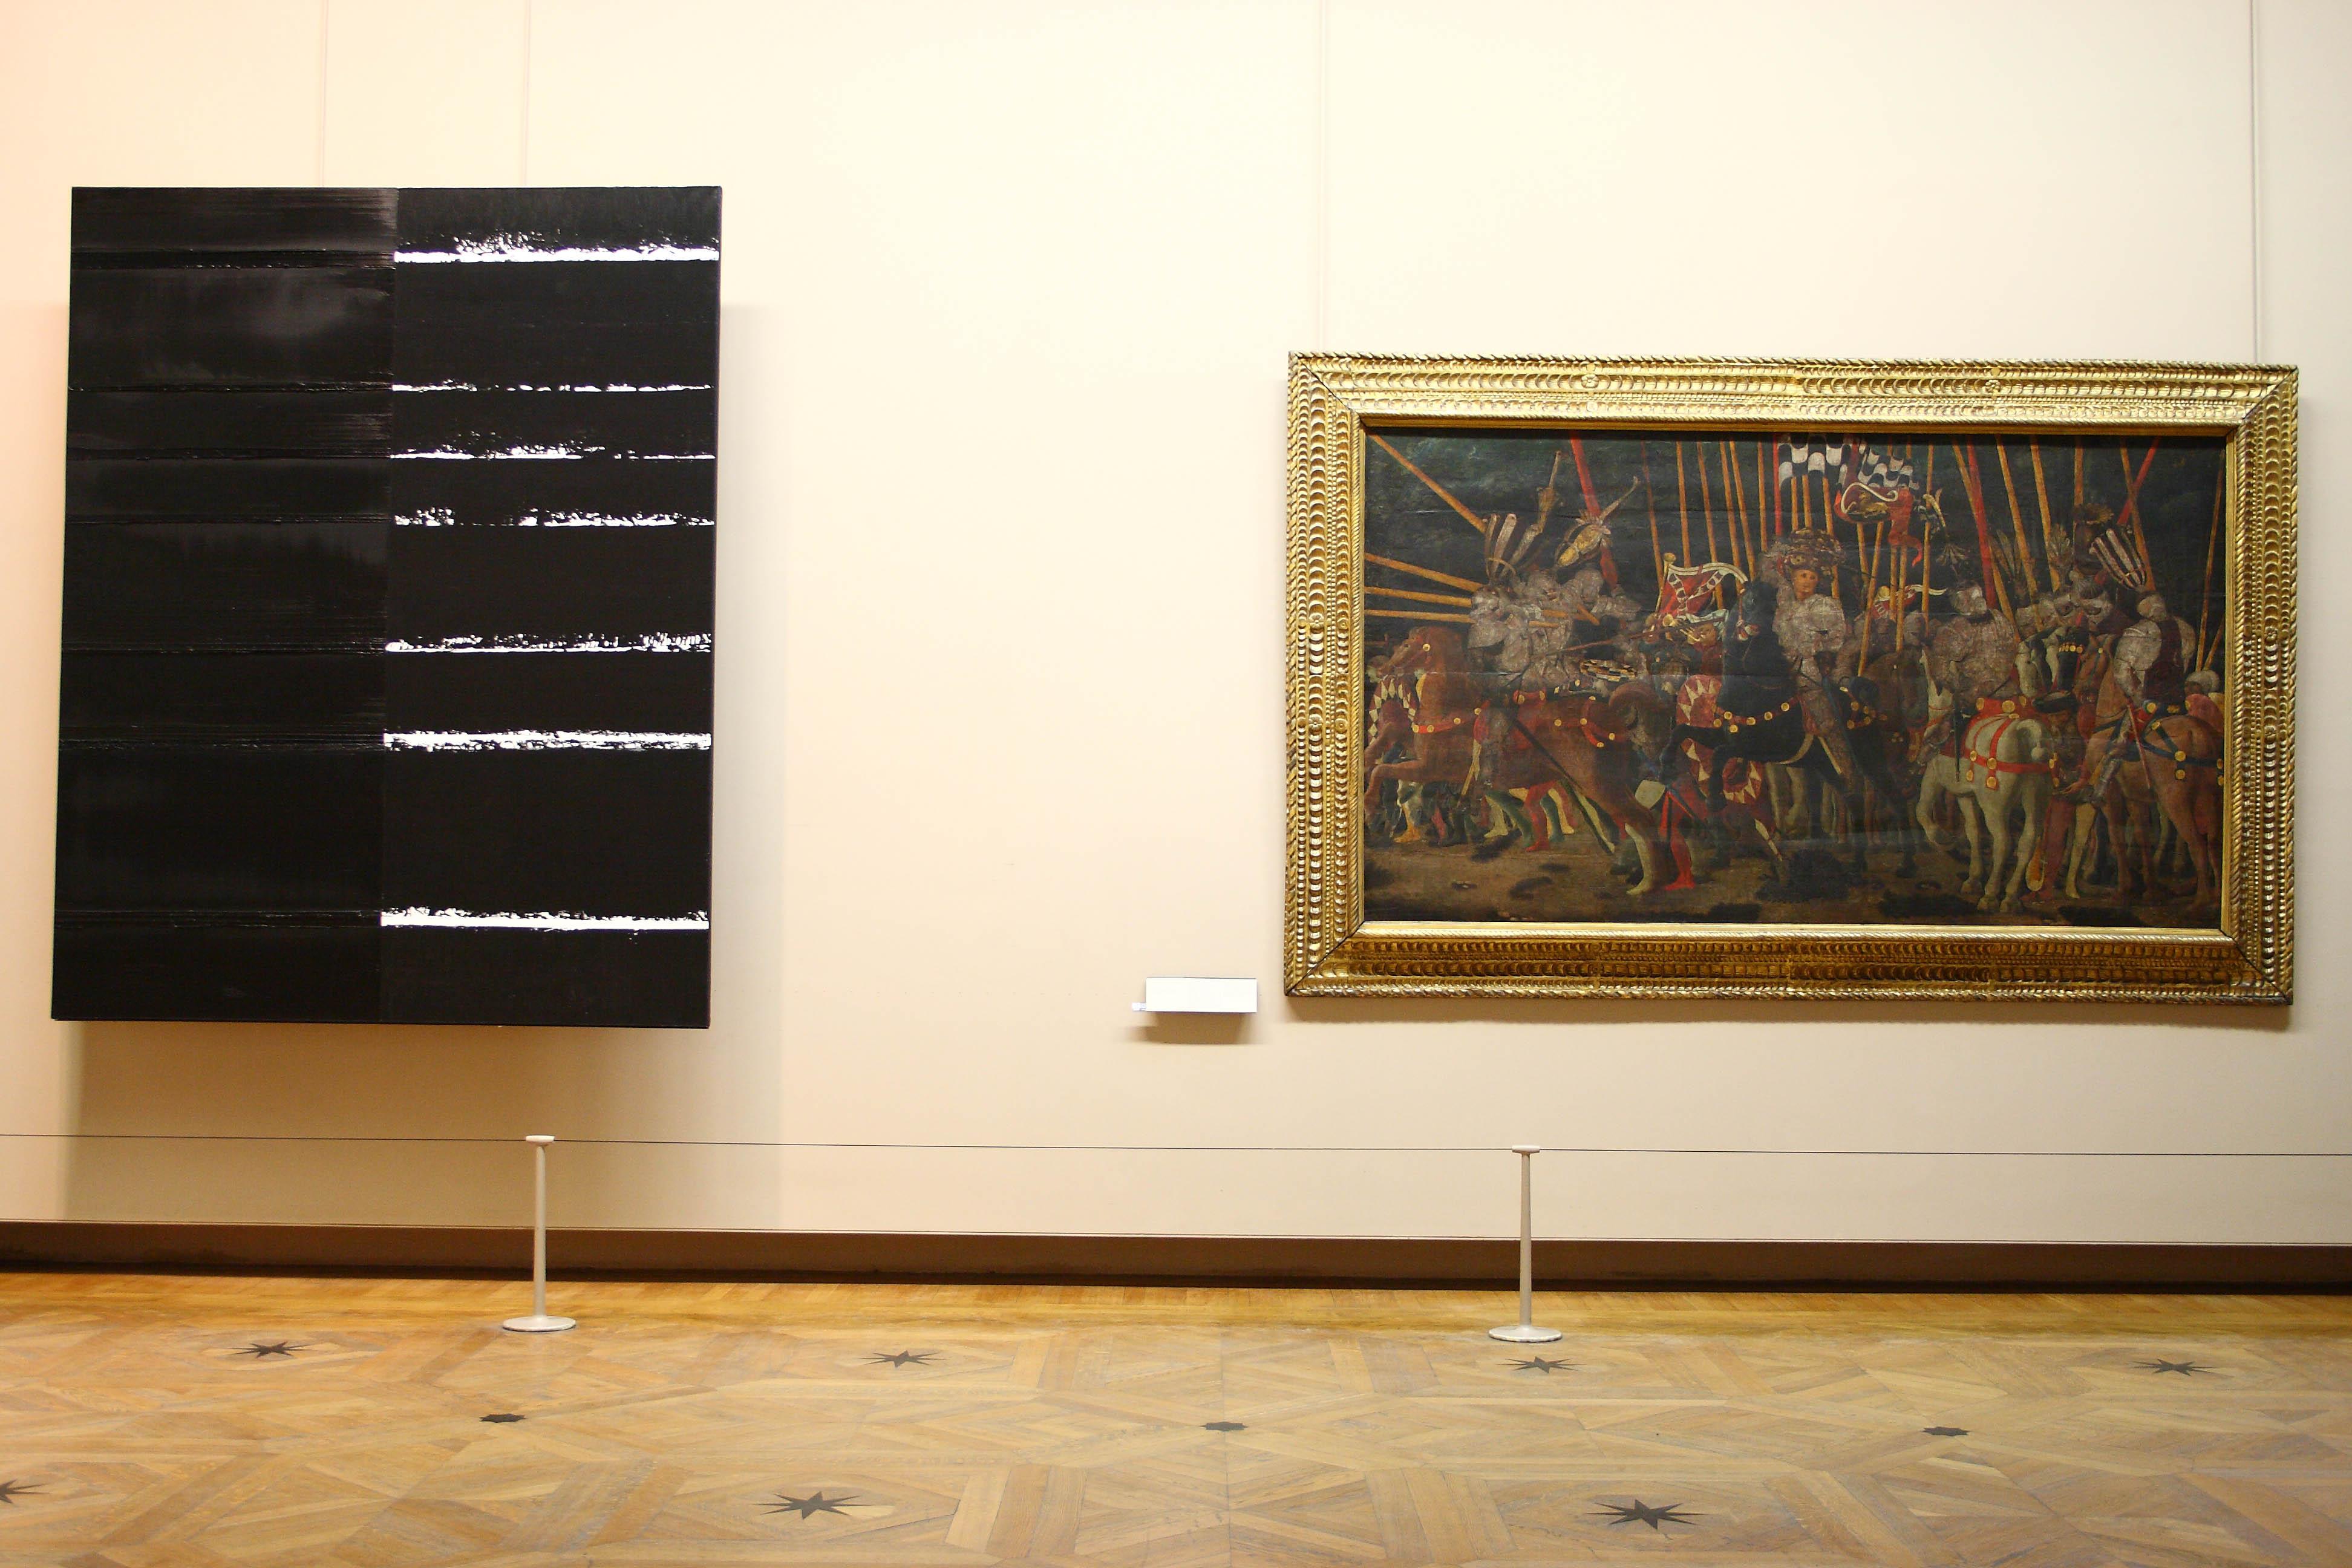 10_exposition-peinture-300-x-236-cm-9-juillet-2000_-pierre-soulages.-salon-carre-departement-des-peintures-musee-du-louvre.-coll